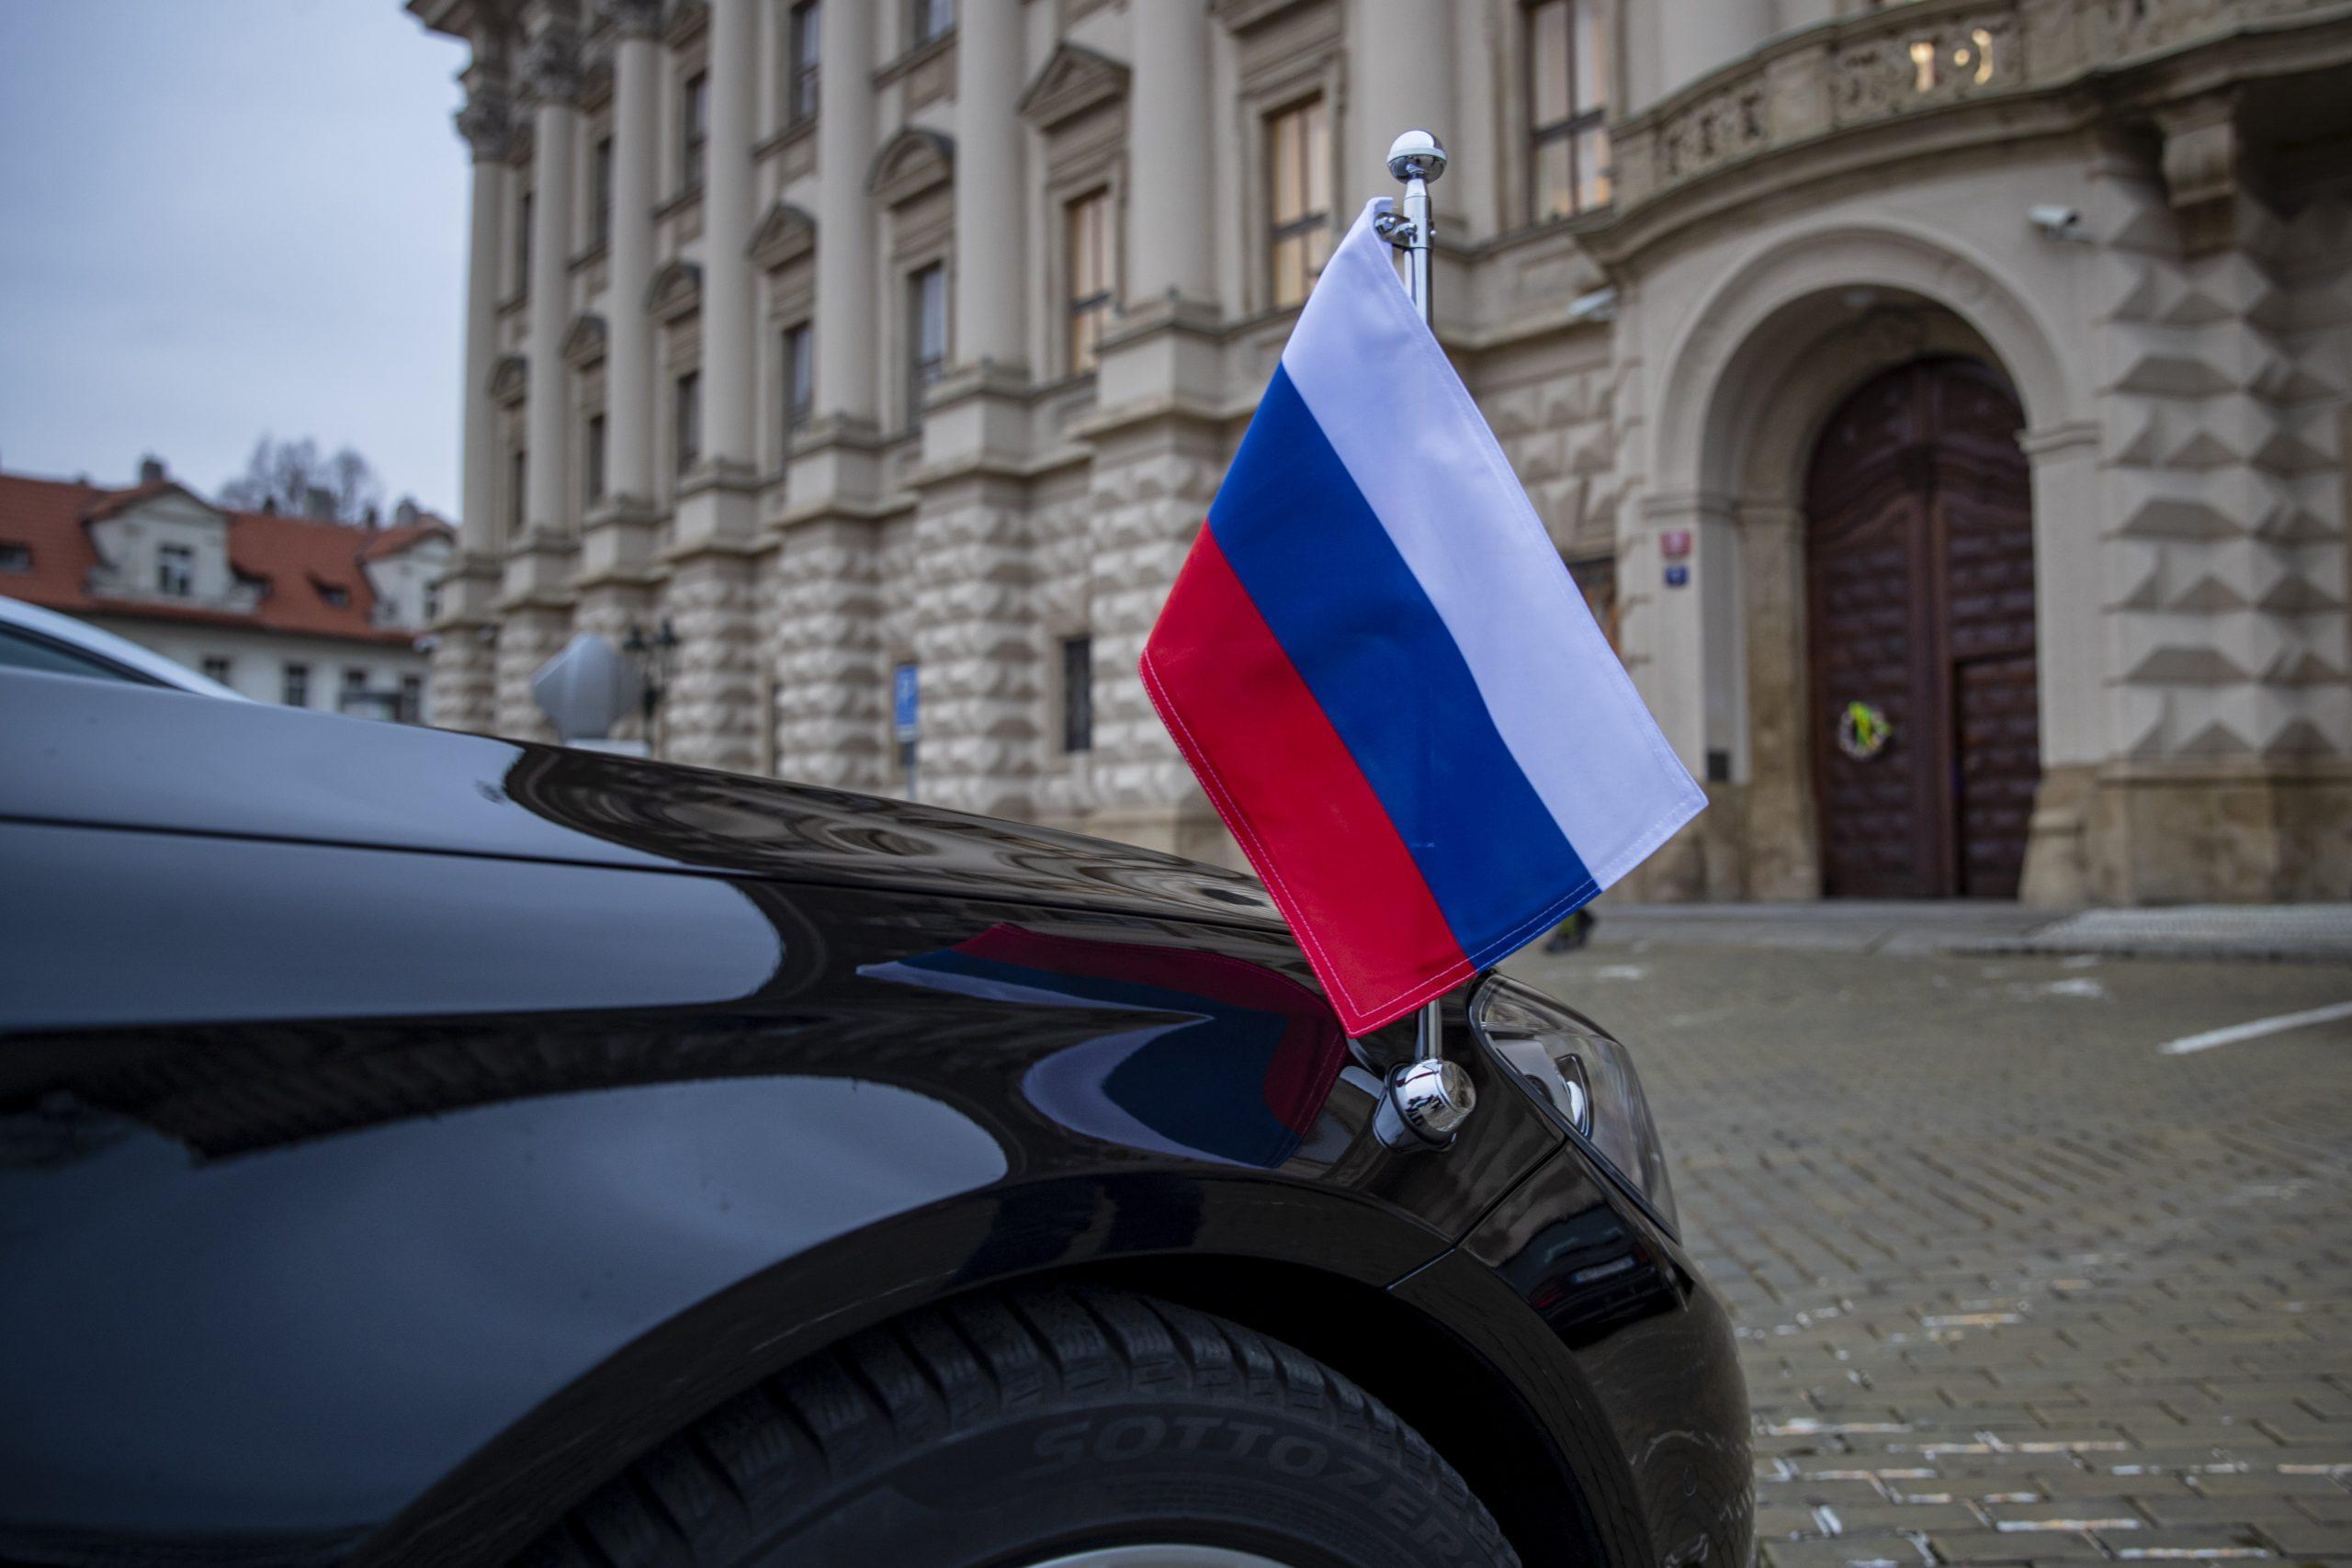 Eksplozija za koju se sumnjiče ruski agenti nije trebalo da bude u Češkoj 1